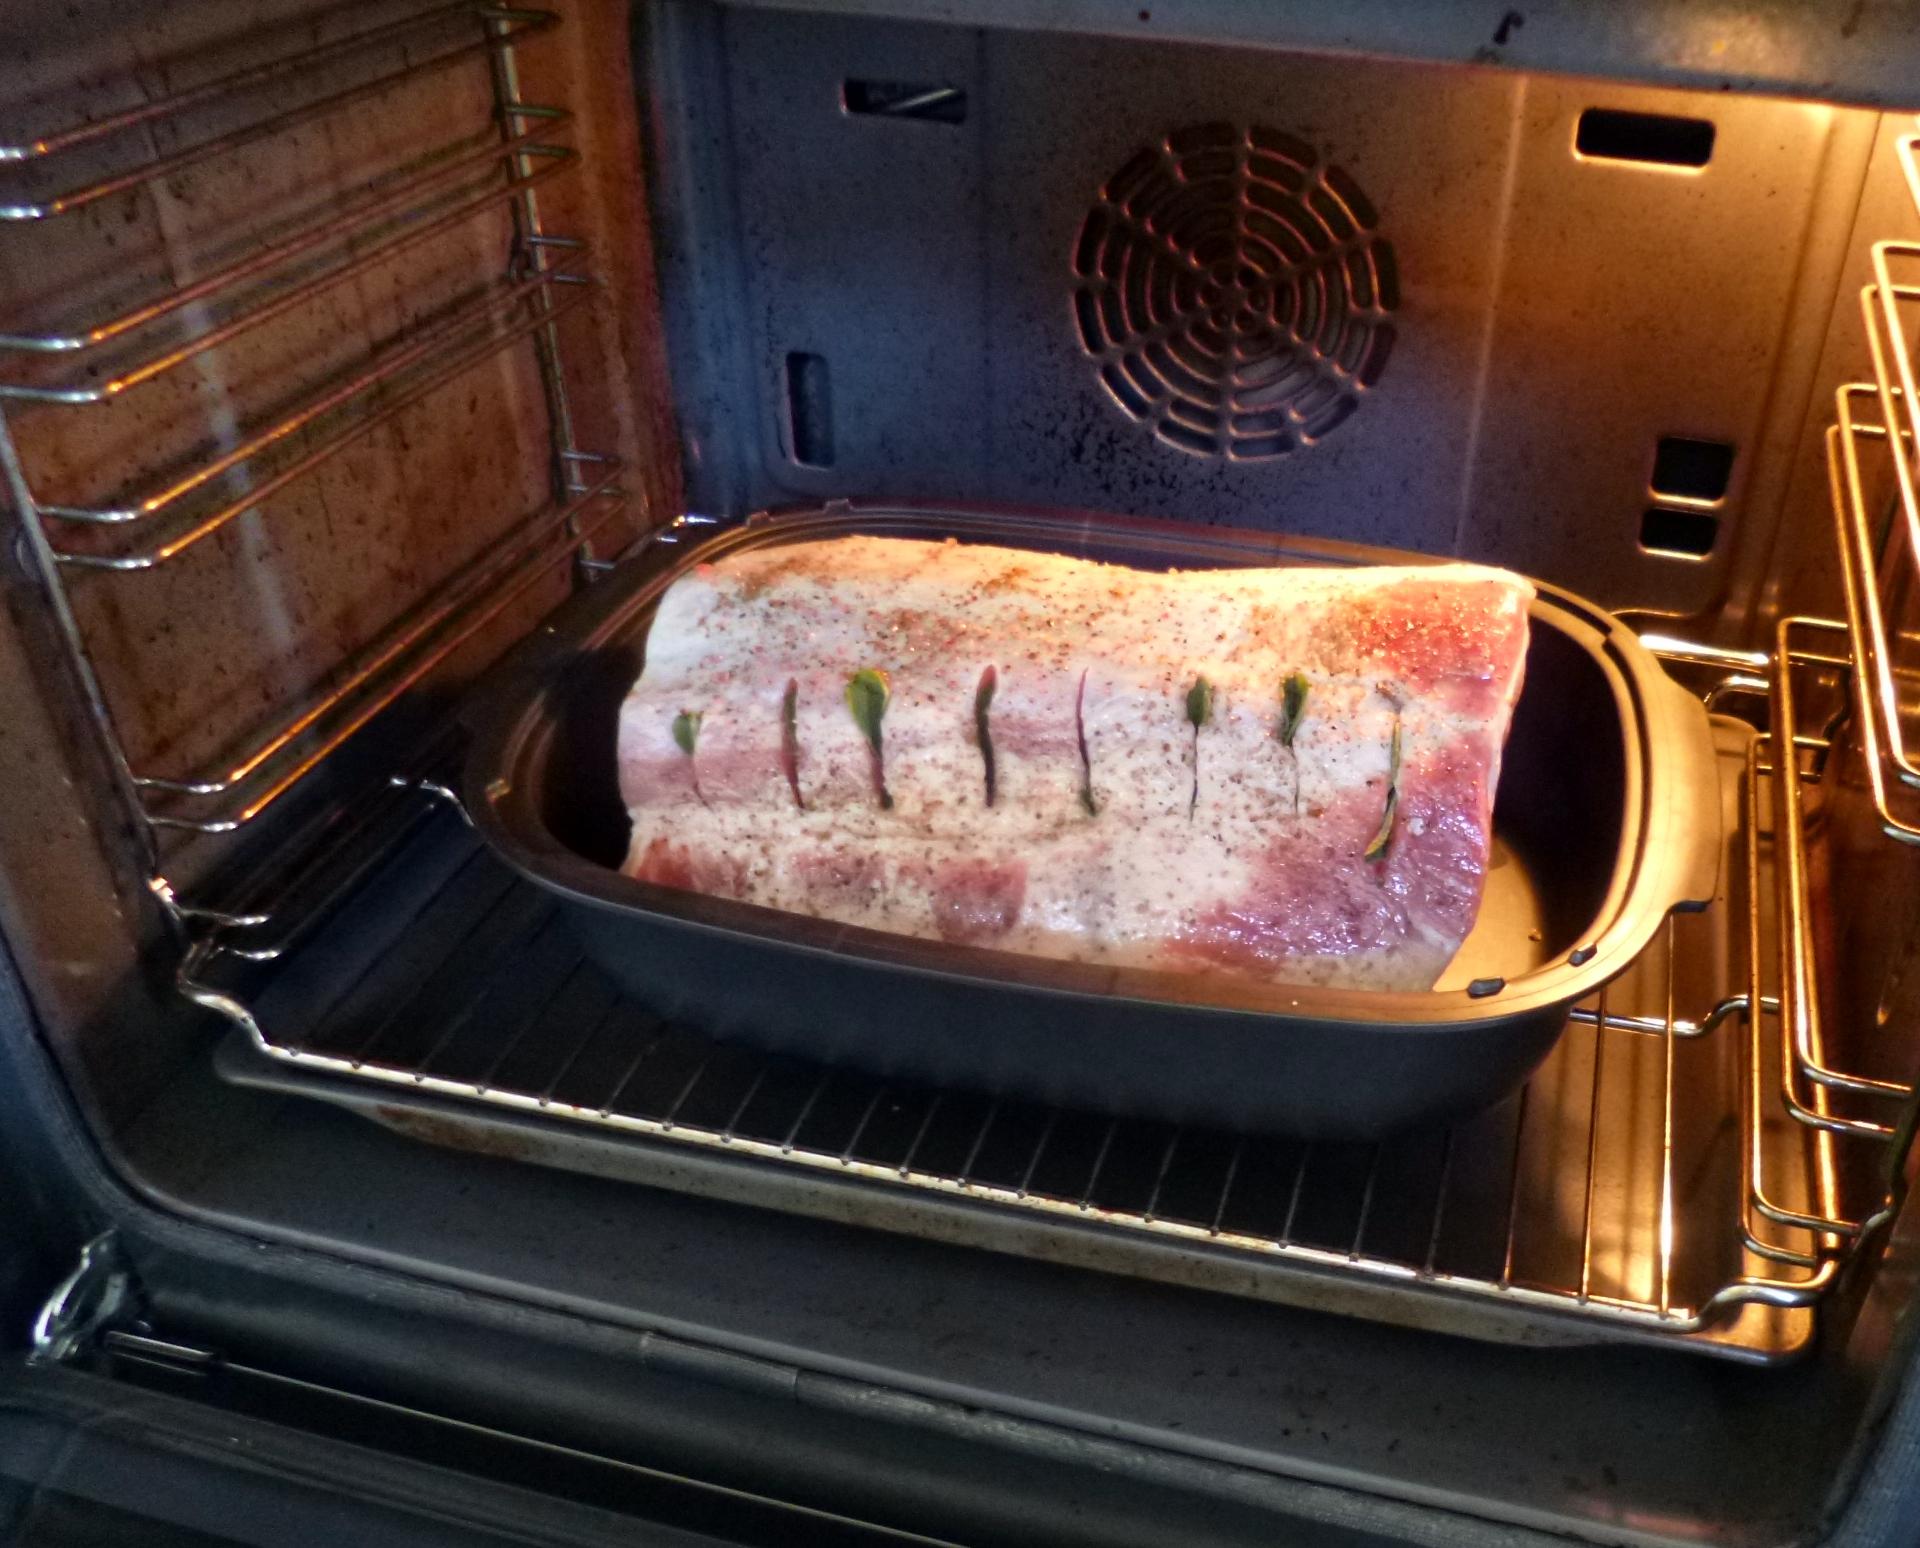 porc cuisson basse temp rature la recette facile par toqu s 2 cuisine. Black Bedroom Furniture Sets. Home Design Ideas